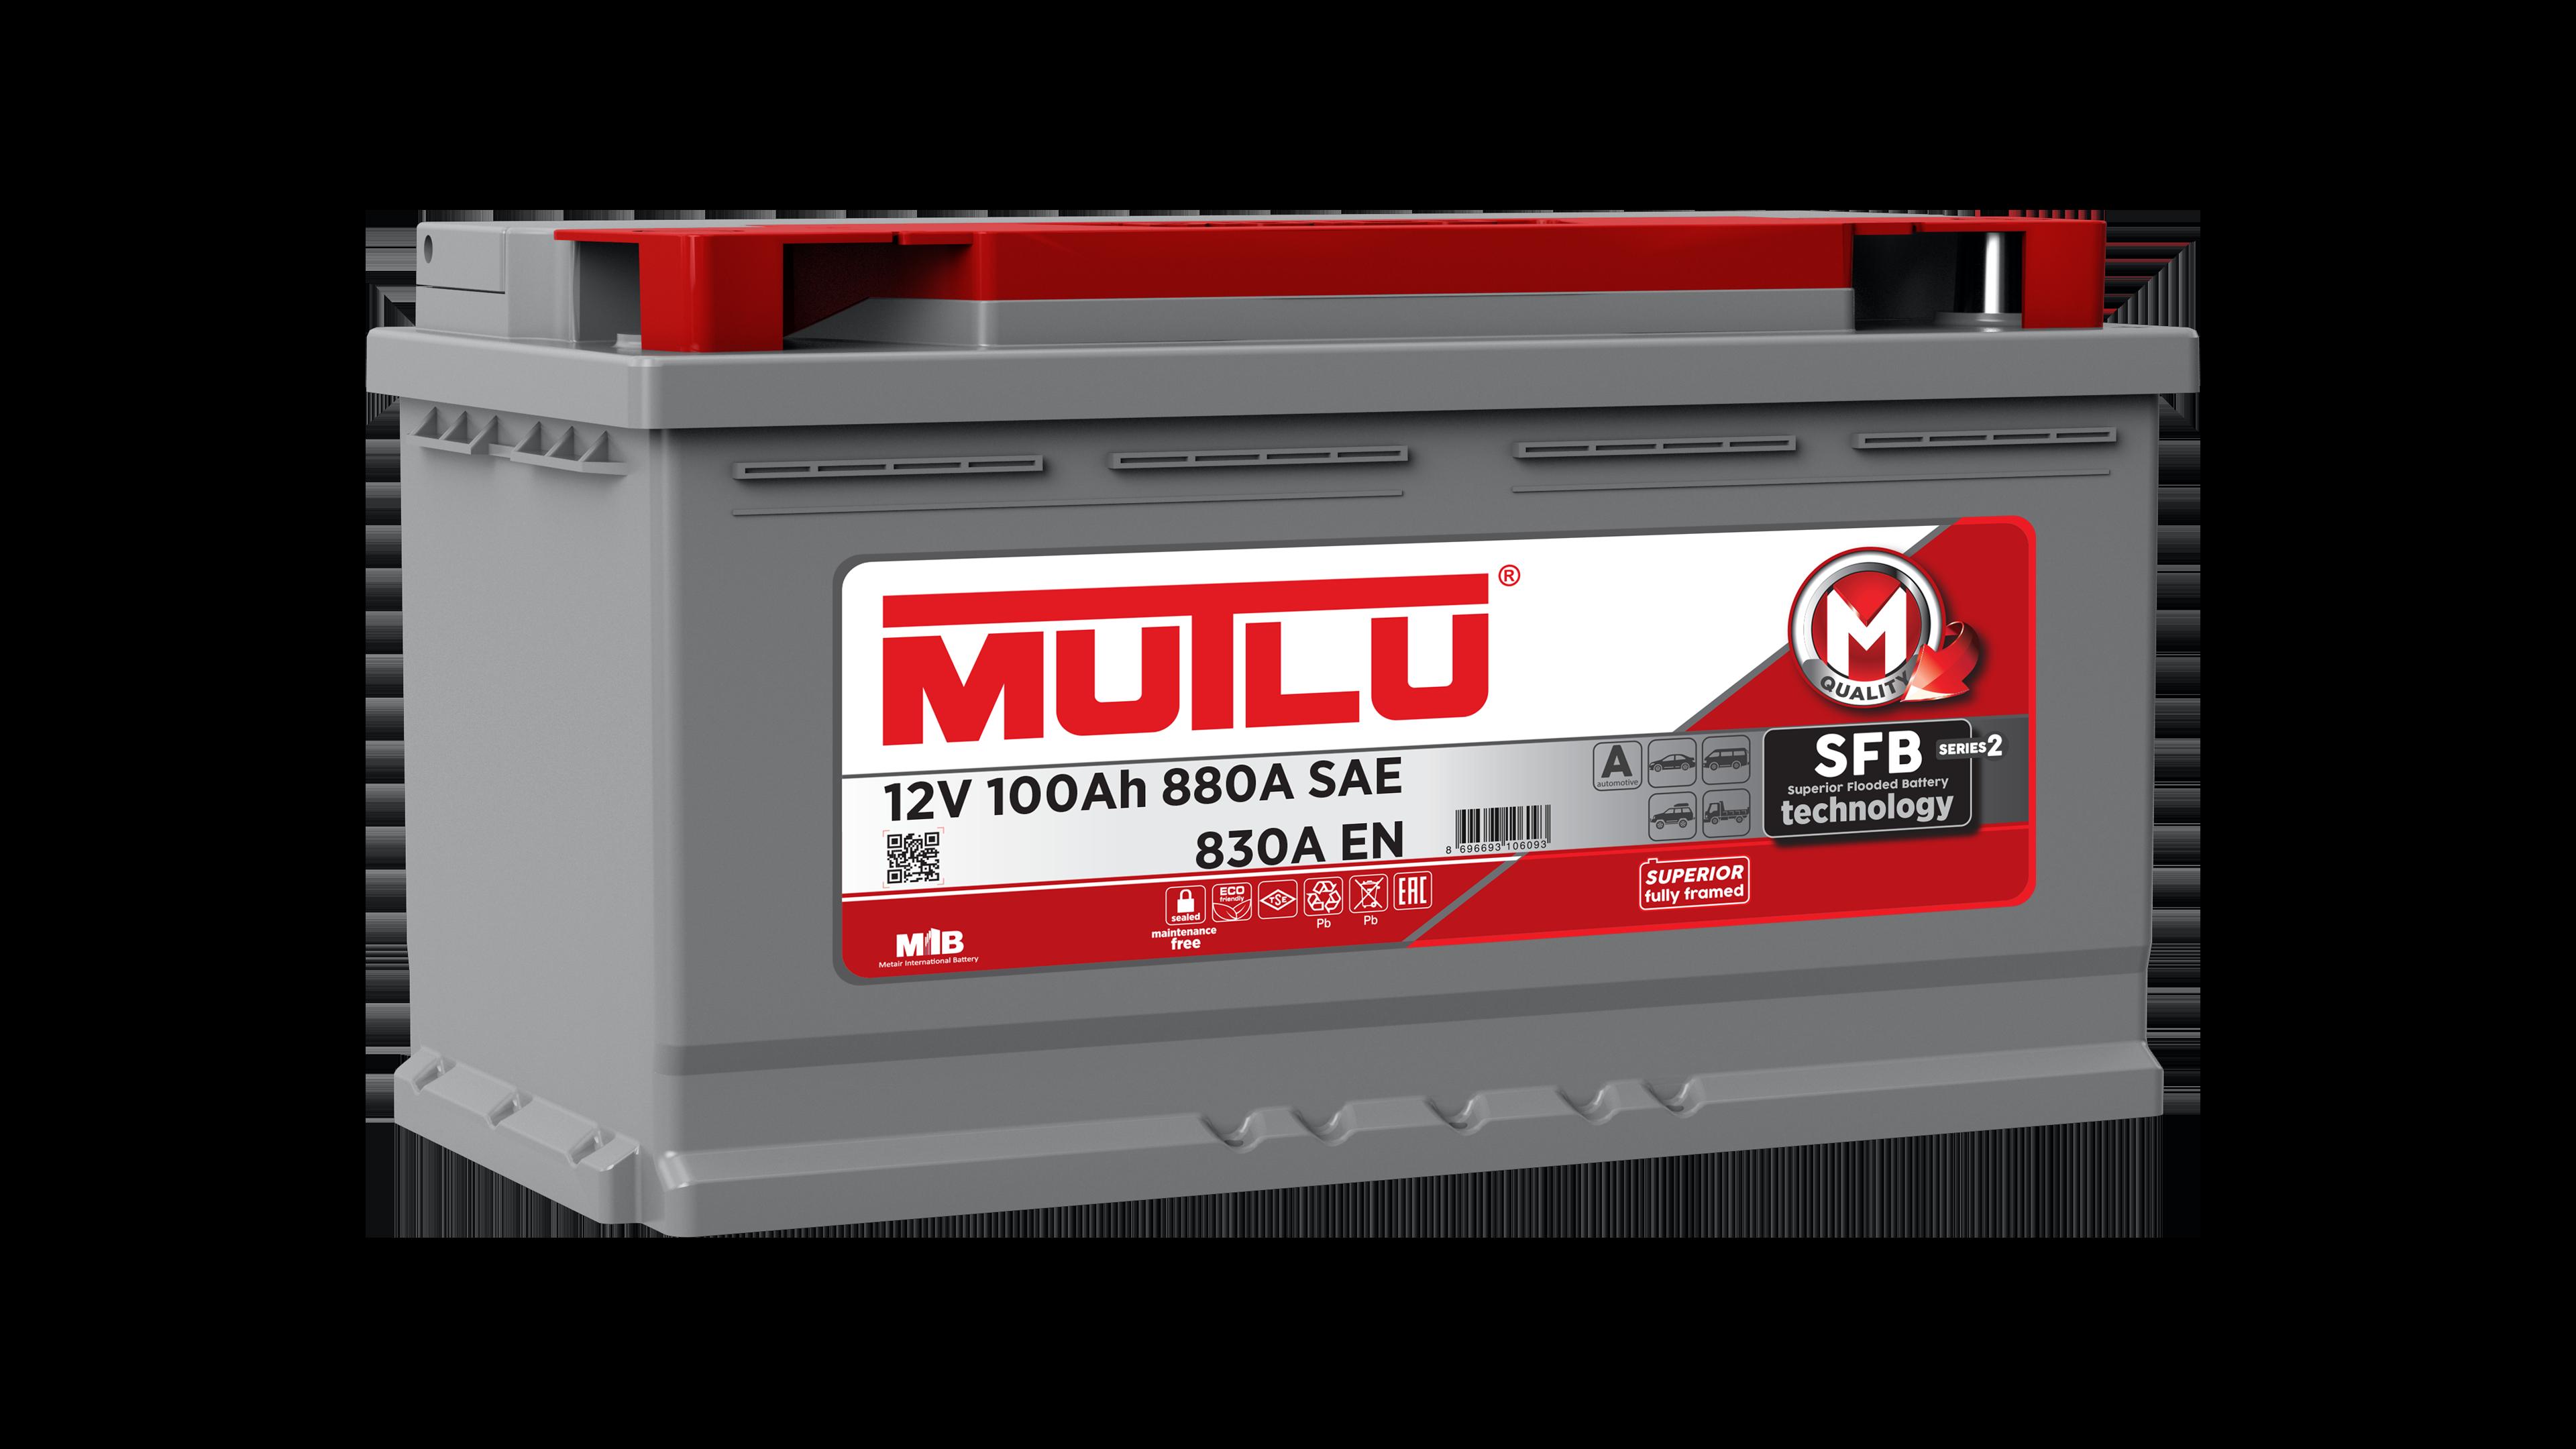 Mutlu L5100083A Батарея аккумуляторная 100А/ч 830А 12В обратная поляр. стандартные клеммы